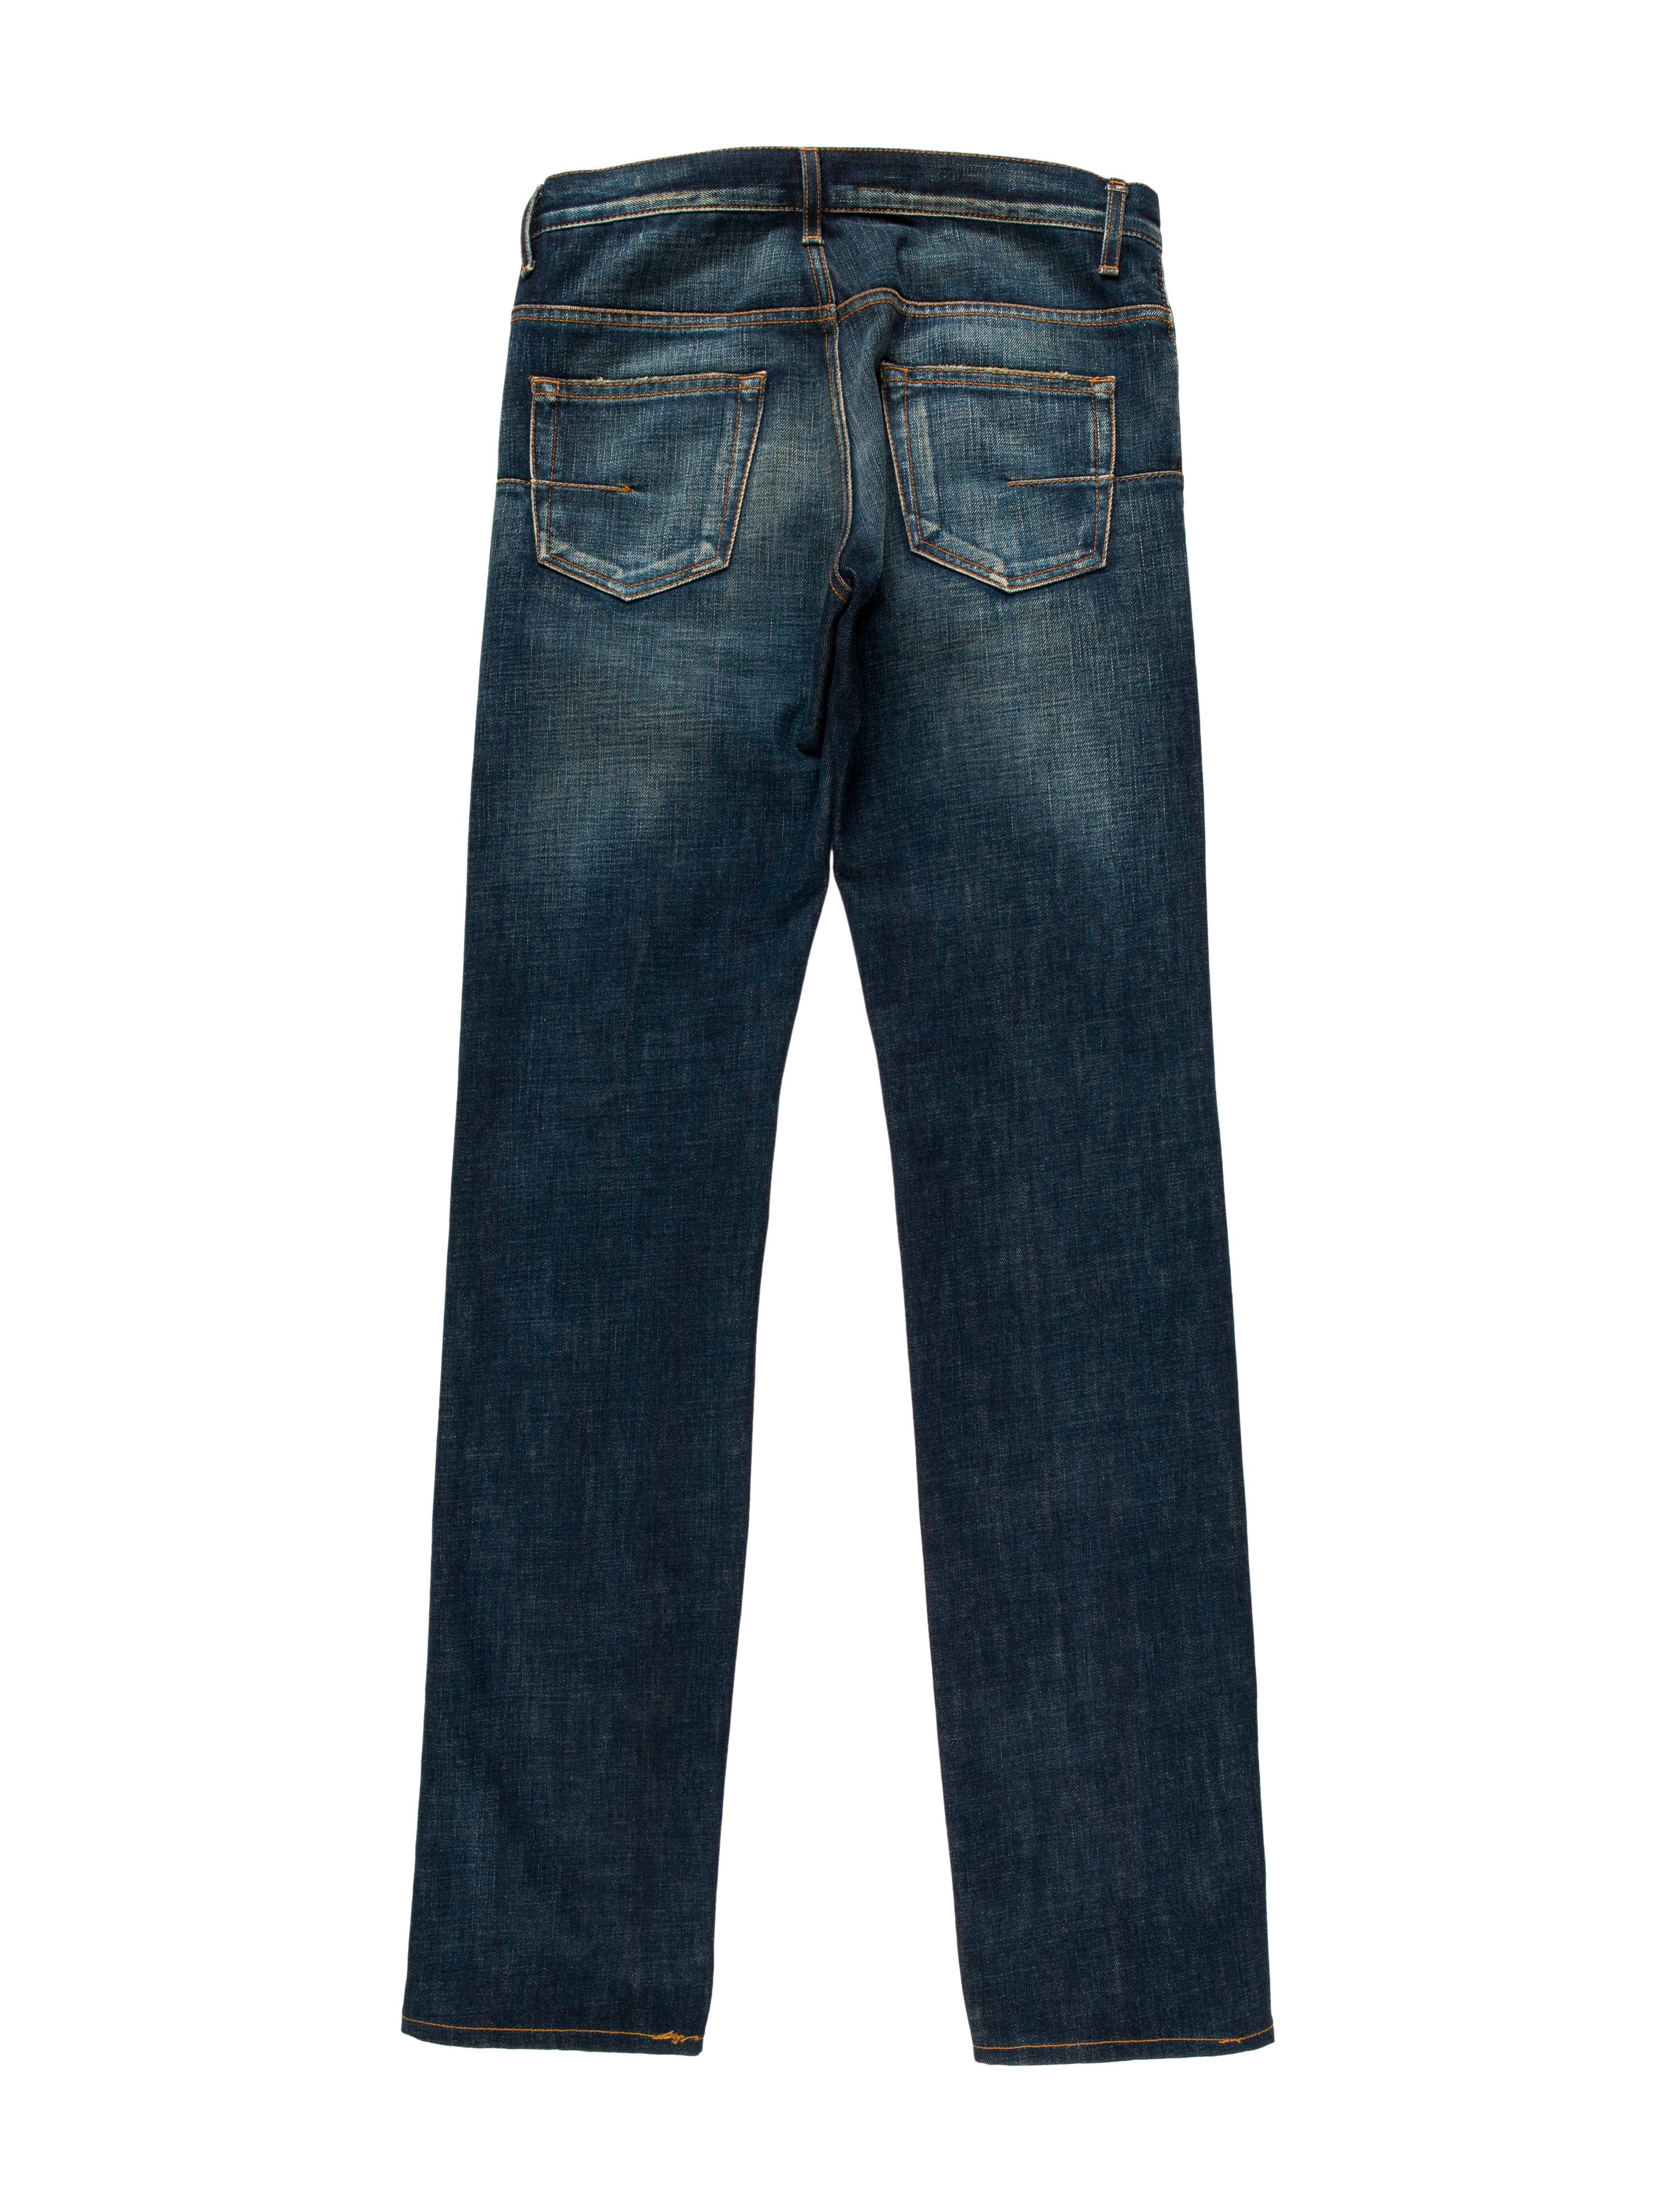 dior homme five pocket skinny jeans clothing hmm23153. Black Bedroom Furniture Sets. Home Design Ideas